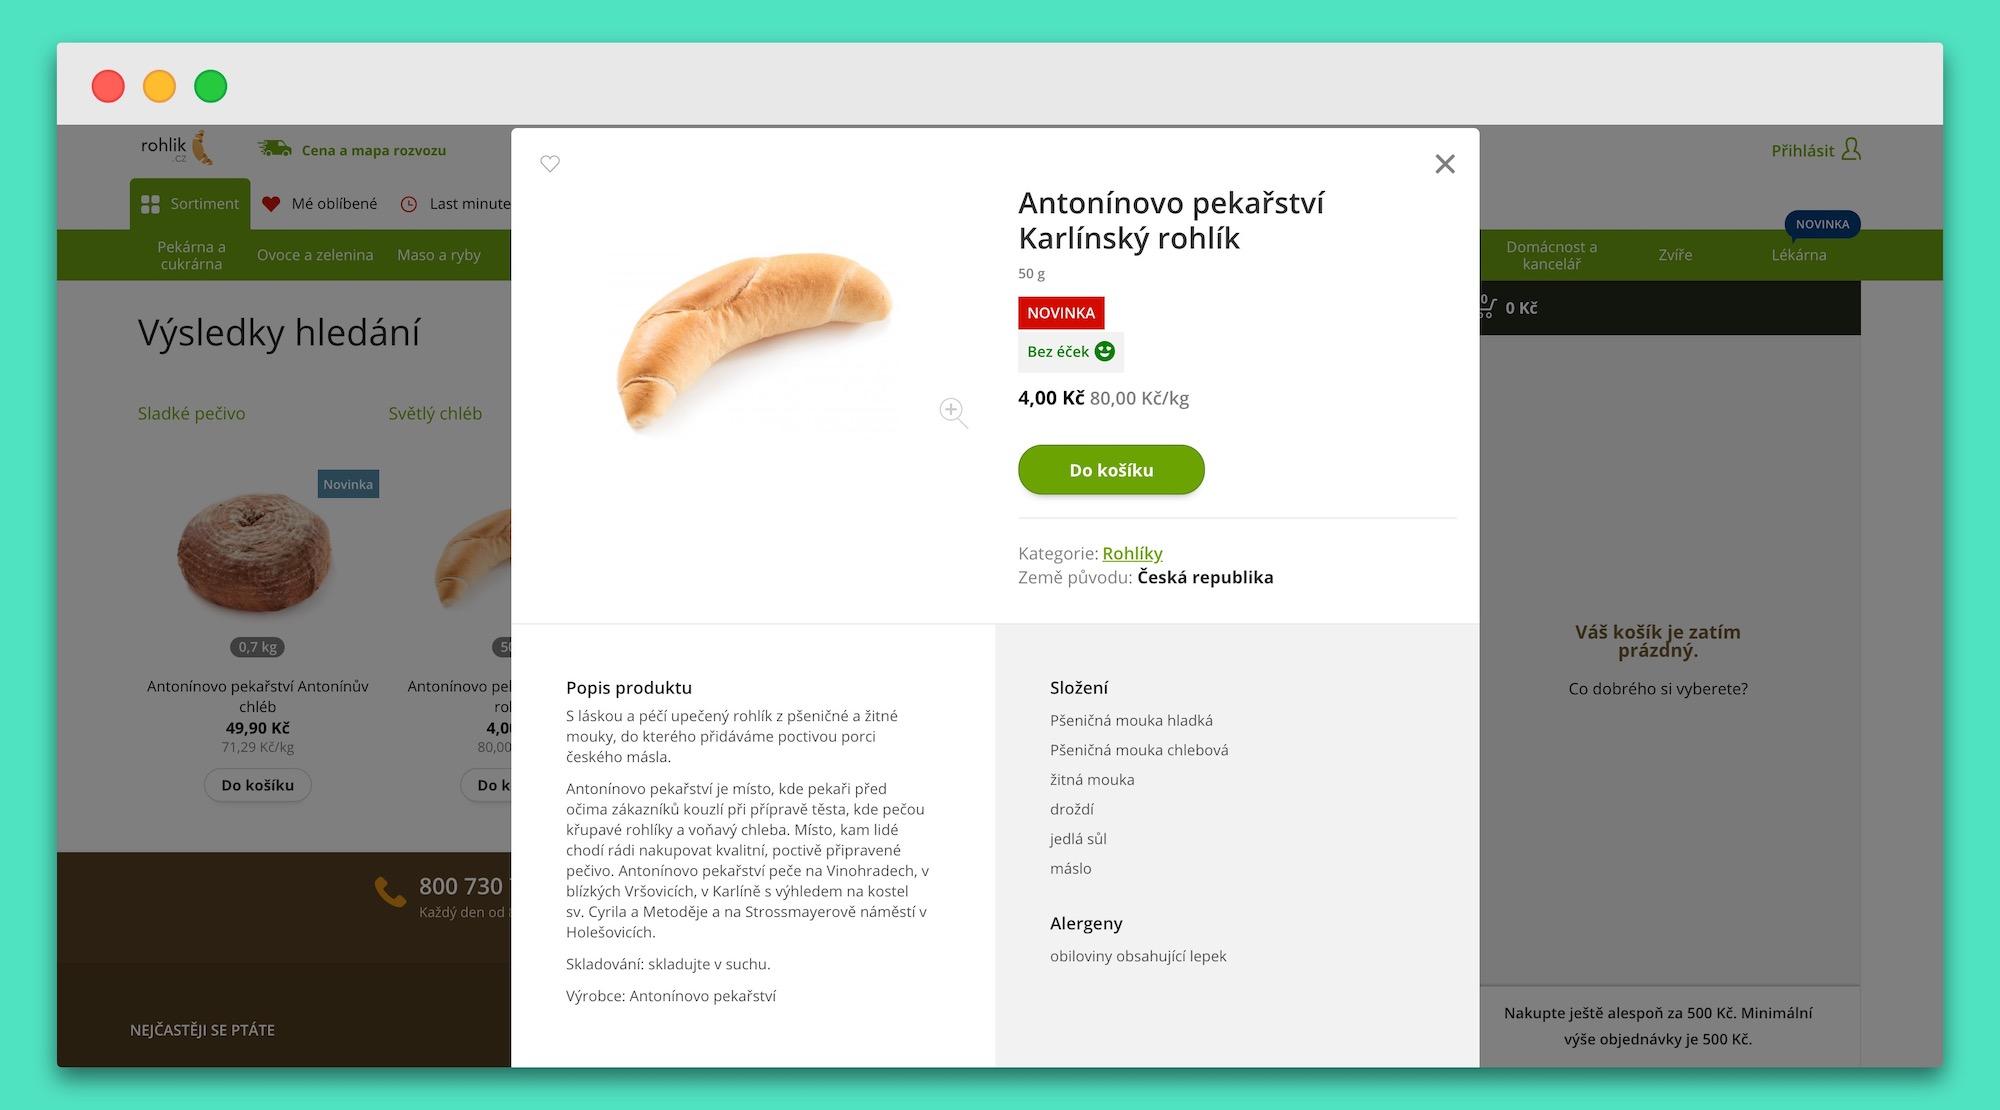 Na Rohlik.cz najdete například rohlíky z Antonínova pekařství